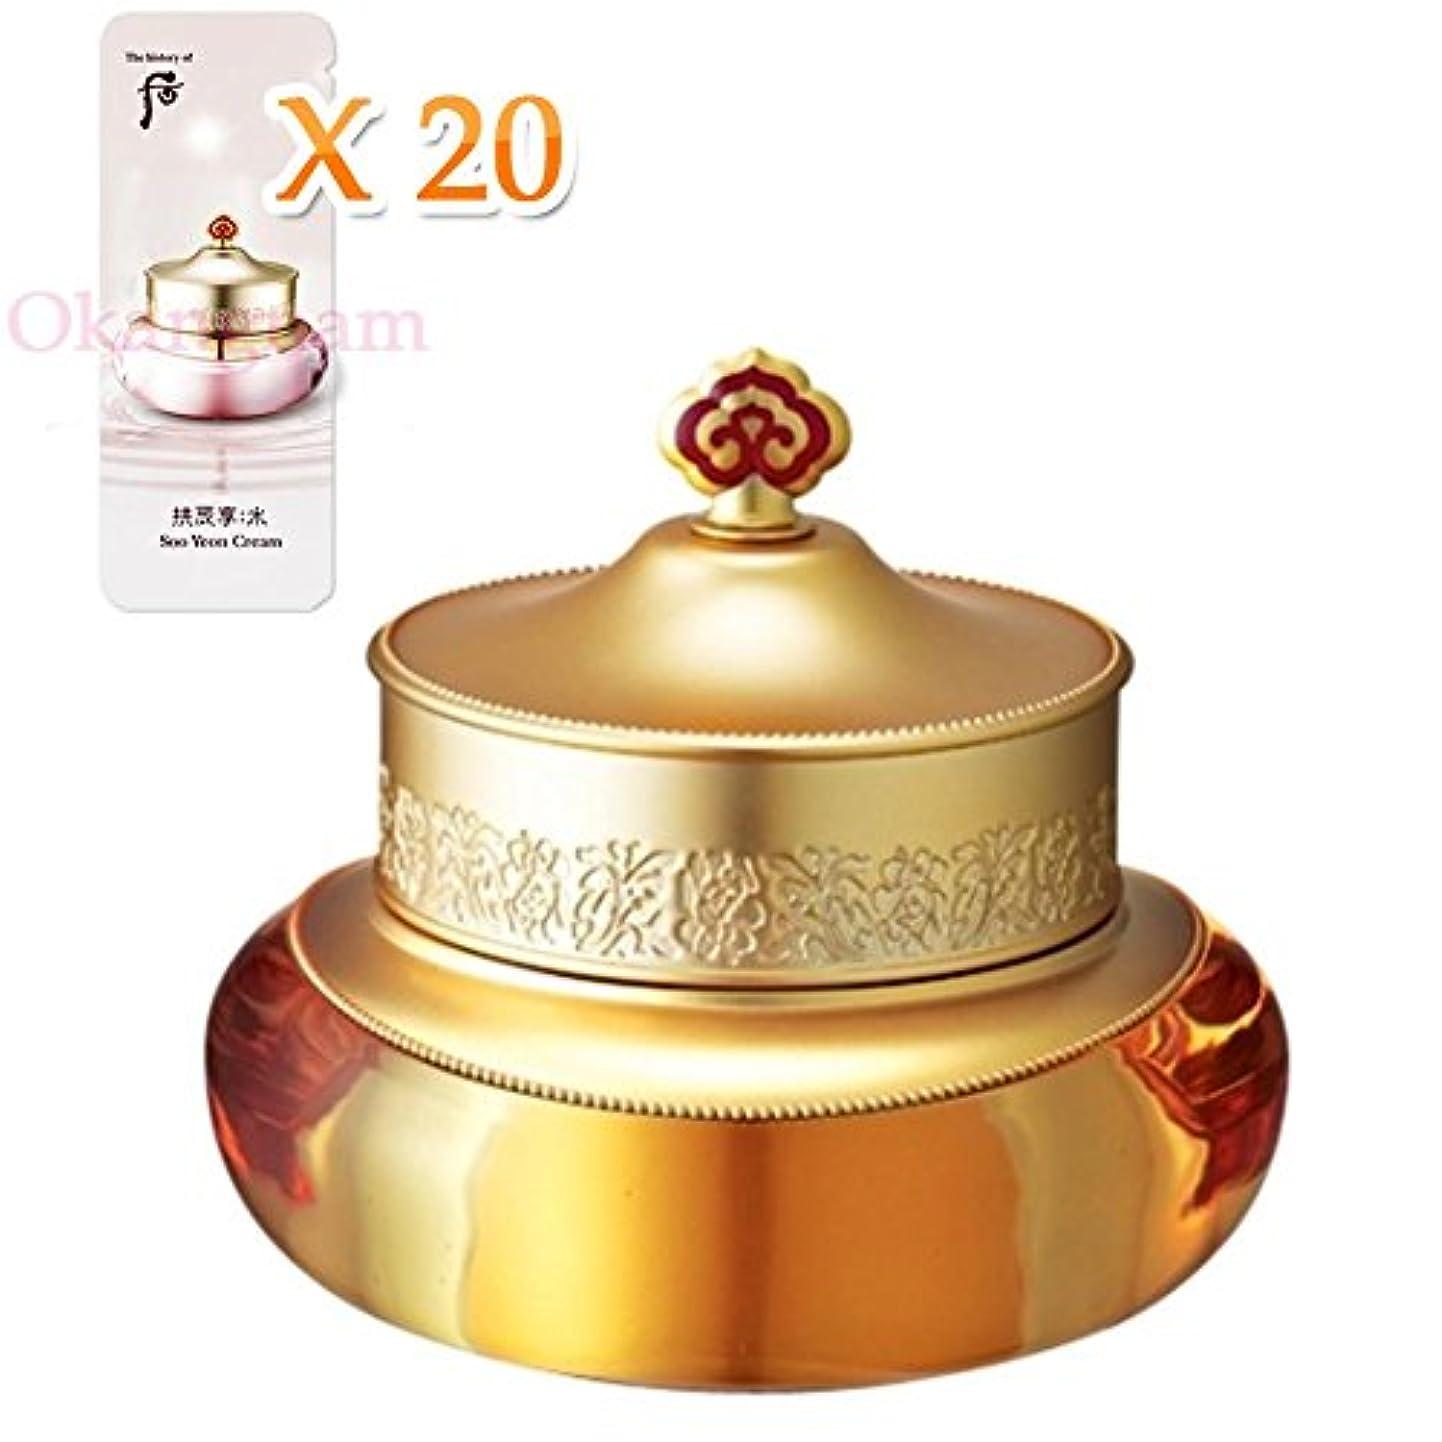 未知の安全なあいまい【フー/The history of whoo] Whoo 后 KGH06 Qi & Jin Cream/后(フー) ゴンジンヒャン キエンジンクリーム 50ml + [Sample Gift](海外直送品)